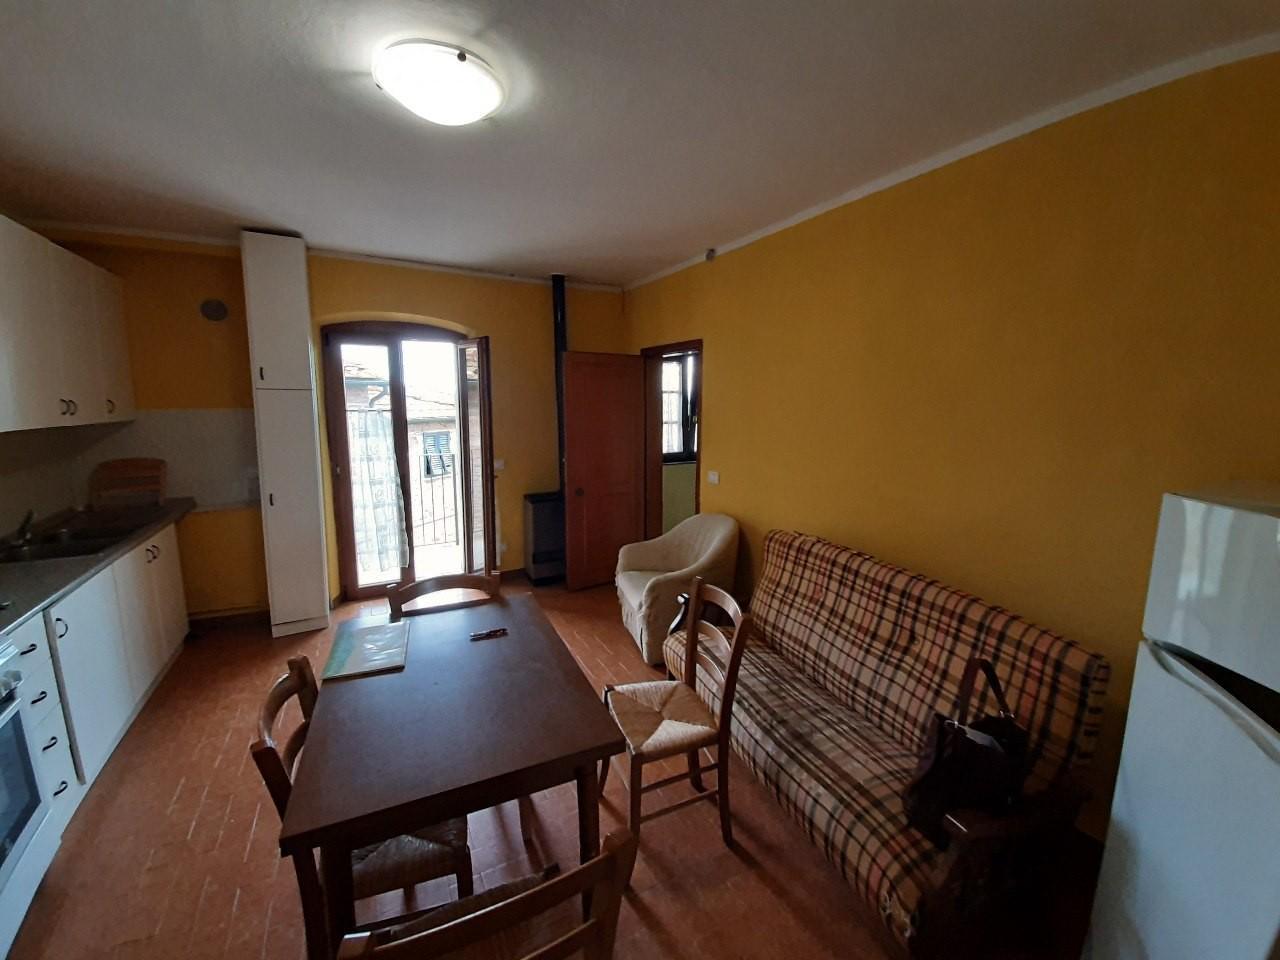 Appartamento in vendita a Peccioli, 3 locali, prezzo € 35.000 | CambioCasa.it